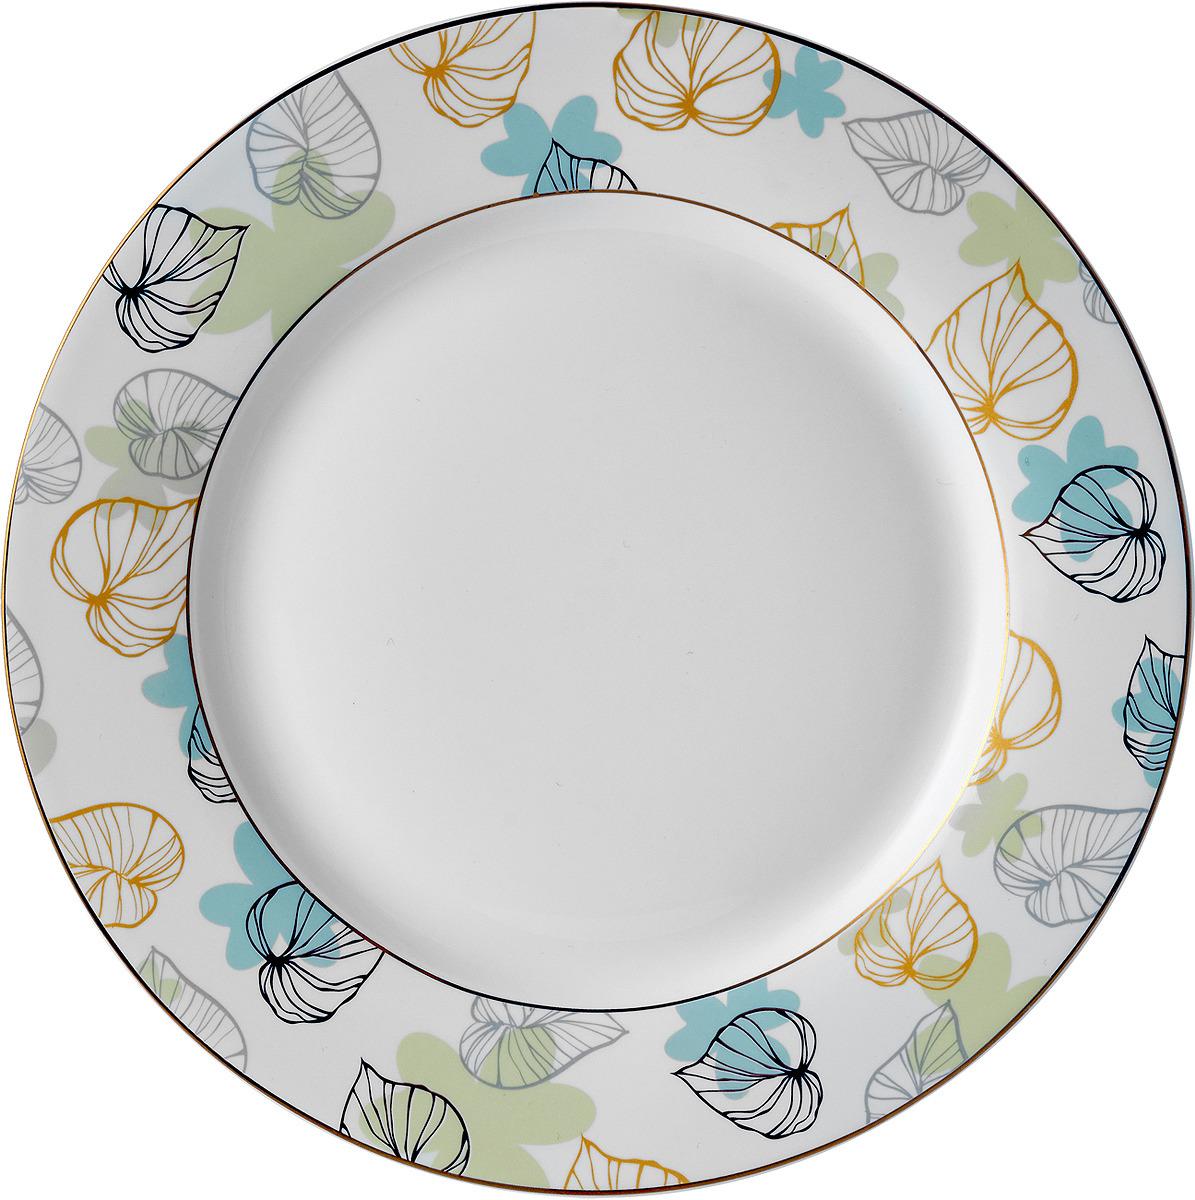 Набор десертных тарелок Esprado Botanica, BTN019GE301, белый, разноцветный, диаметр 19 см, 6 шт